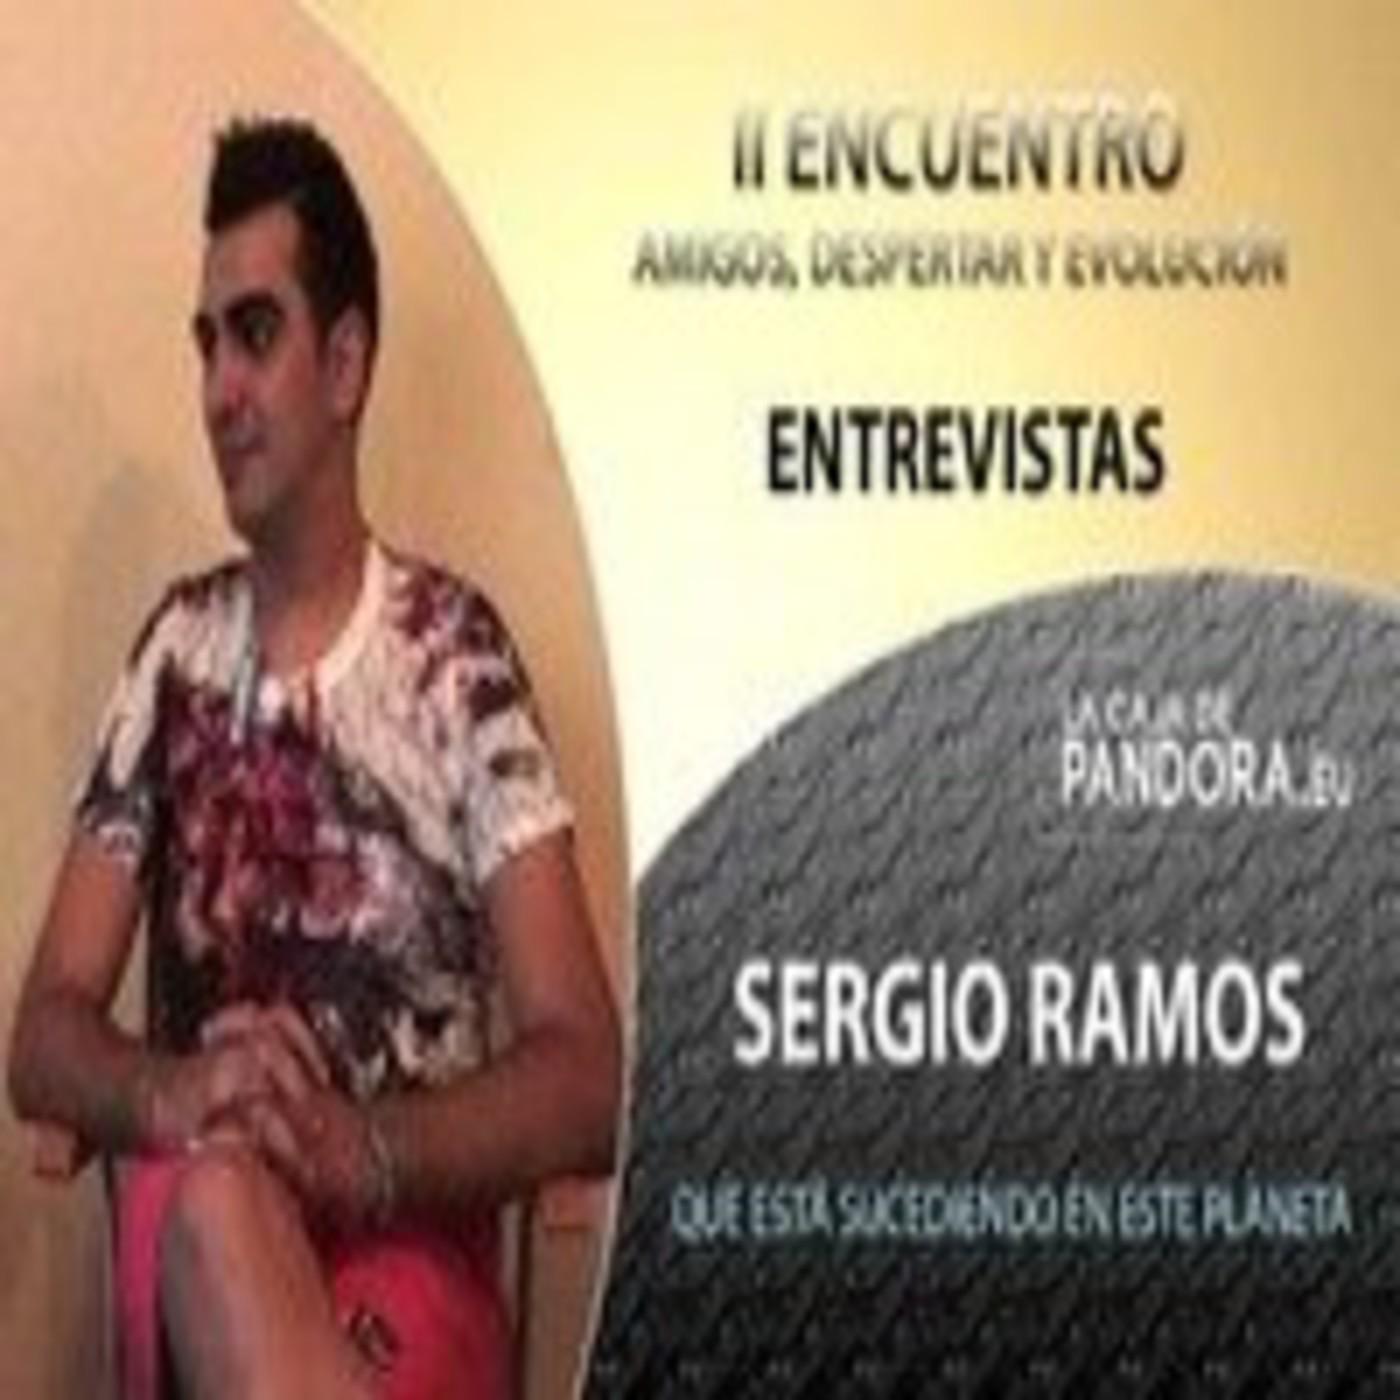 Que está sucediendo en este Planeta... Sergio Ramos - II ENCUENTRO AMIGOS, DESPERTAR Y EVOLUCIÓN